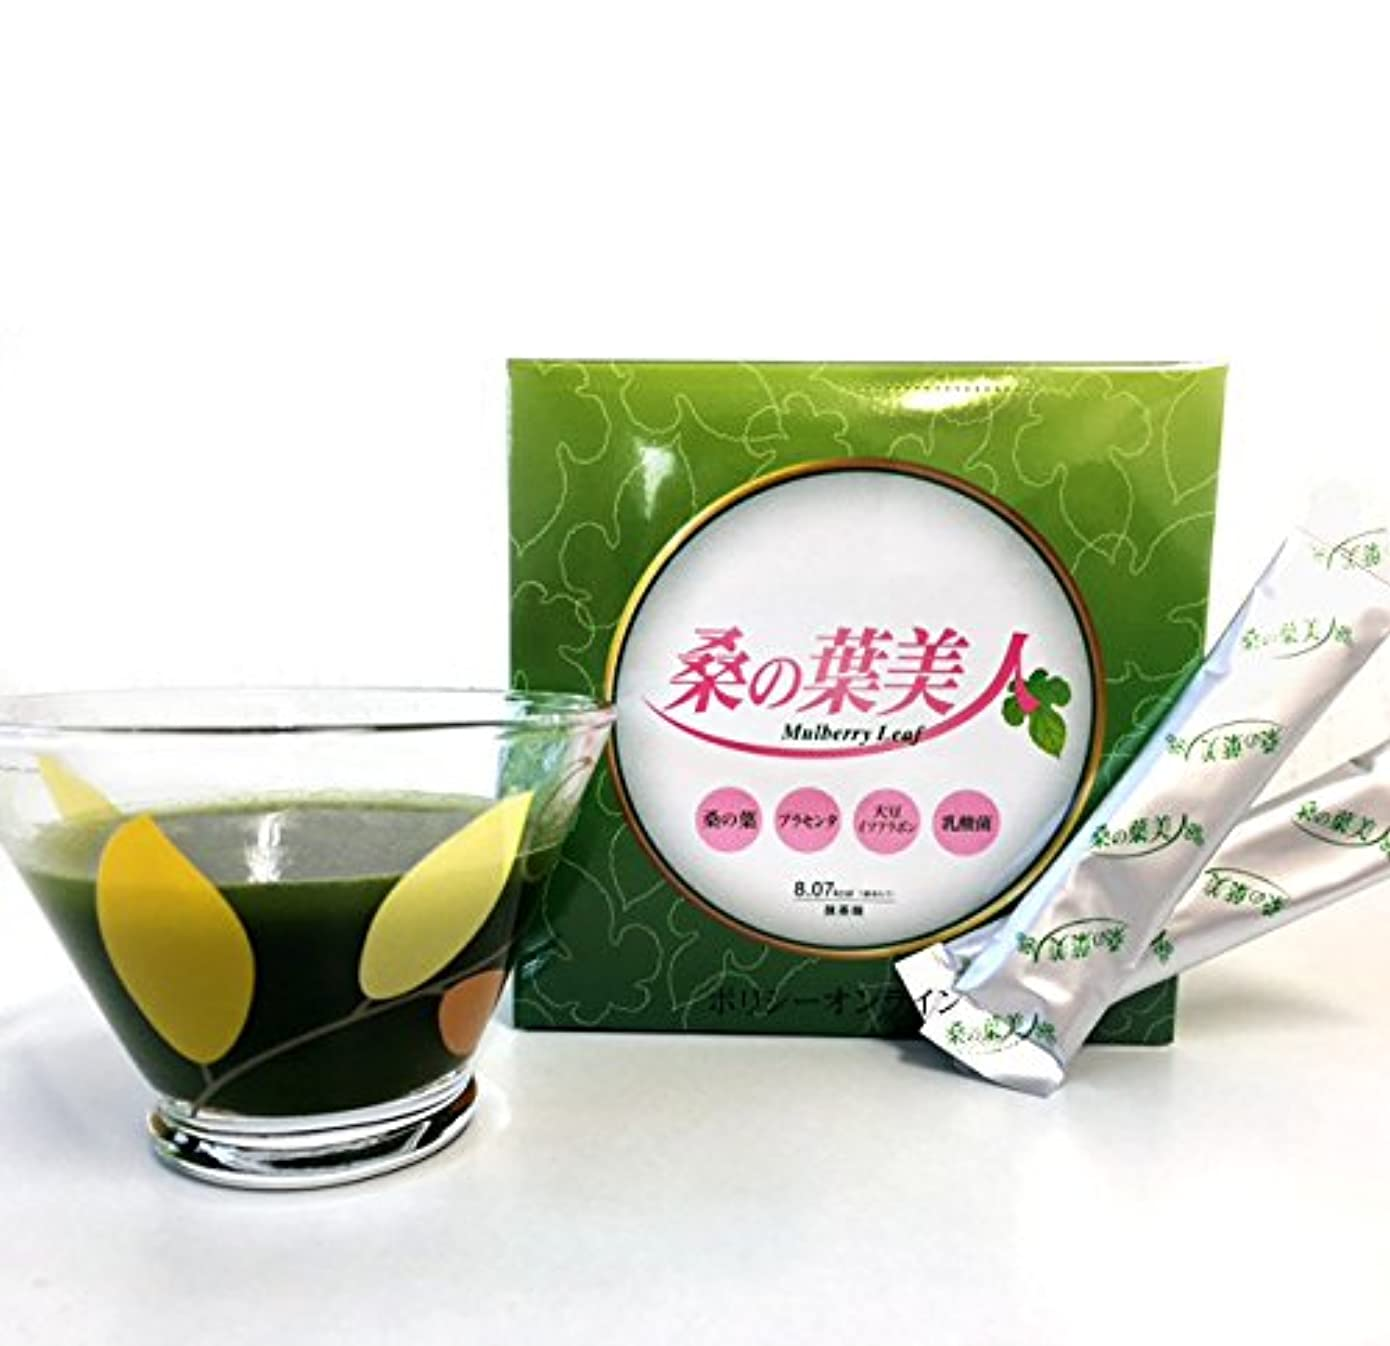 ピアースゼリーまたはどちらかポリシー化粧品 【サプリメント/内面美容】桑の葉美人 3g×50袋